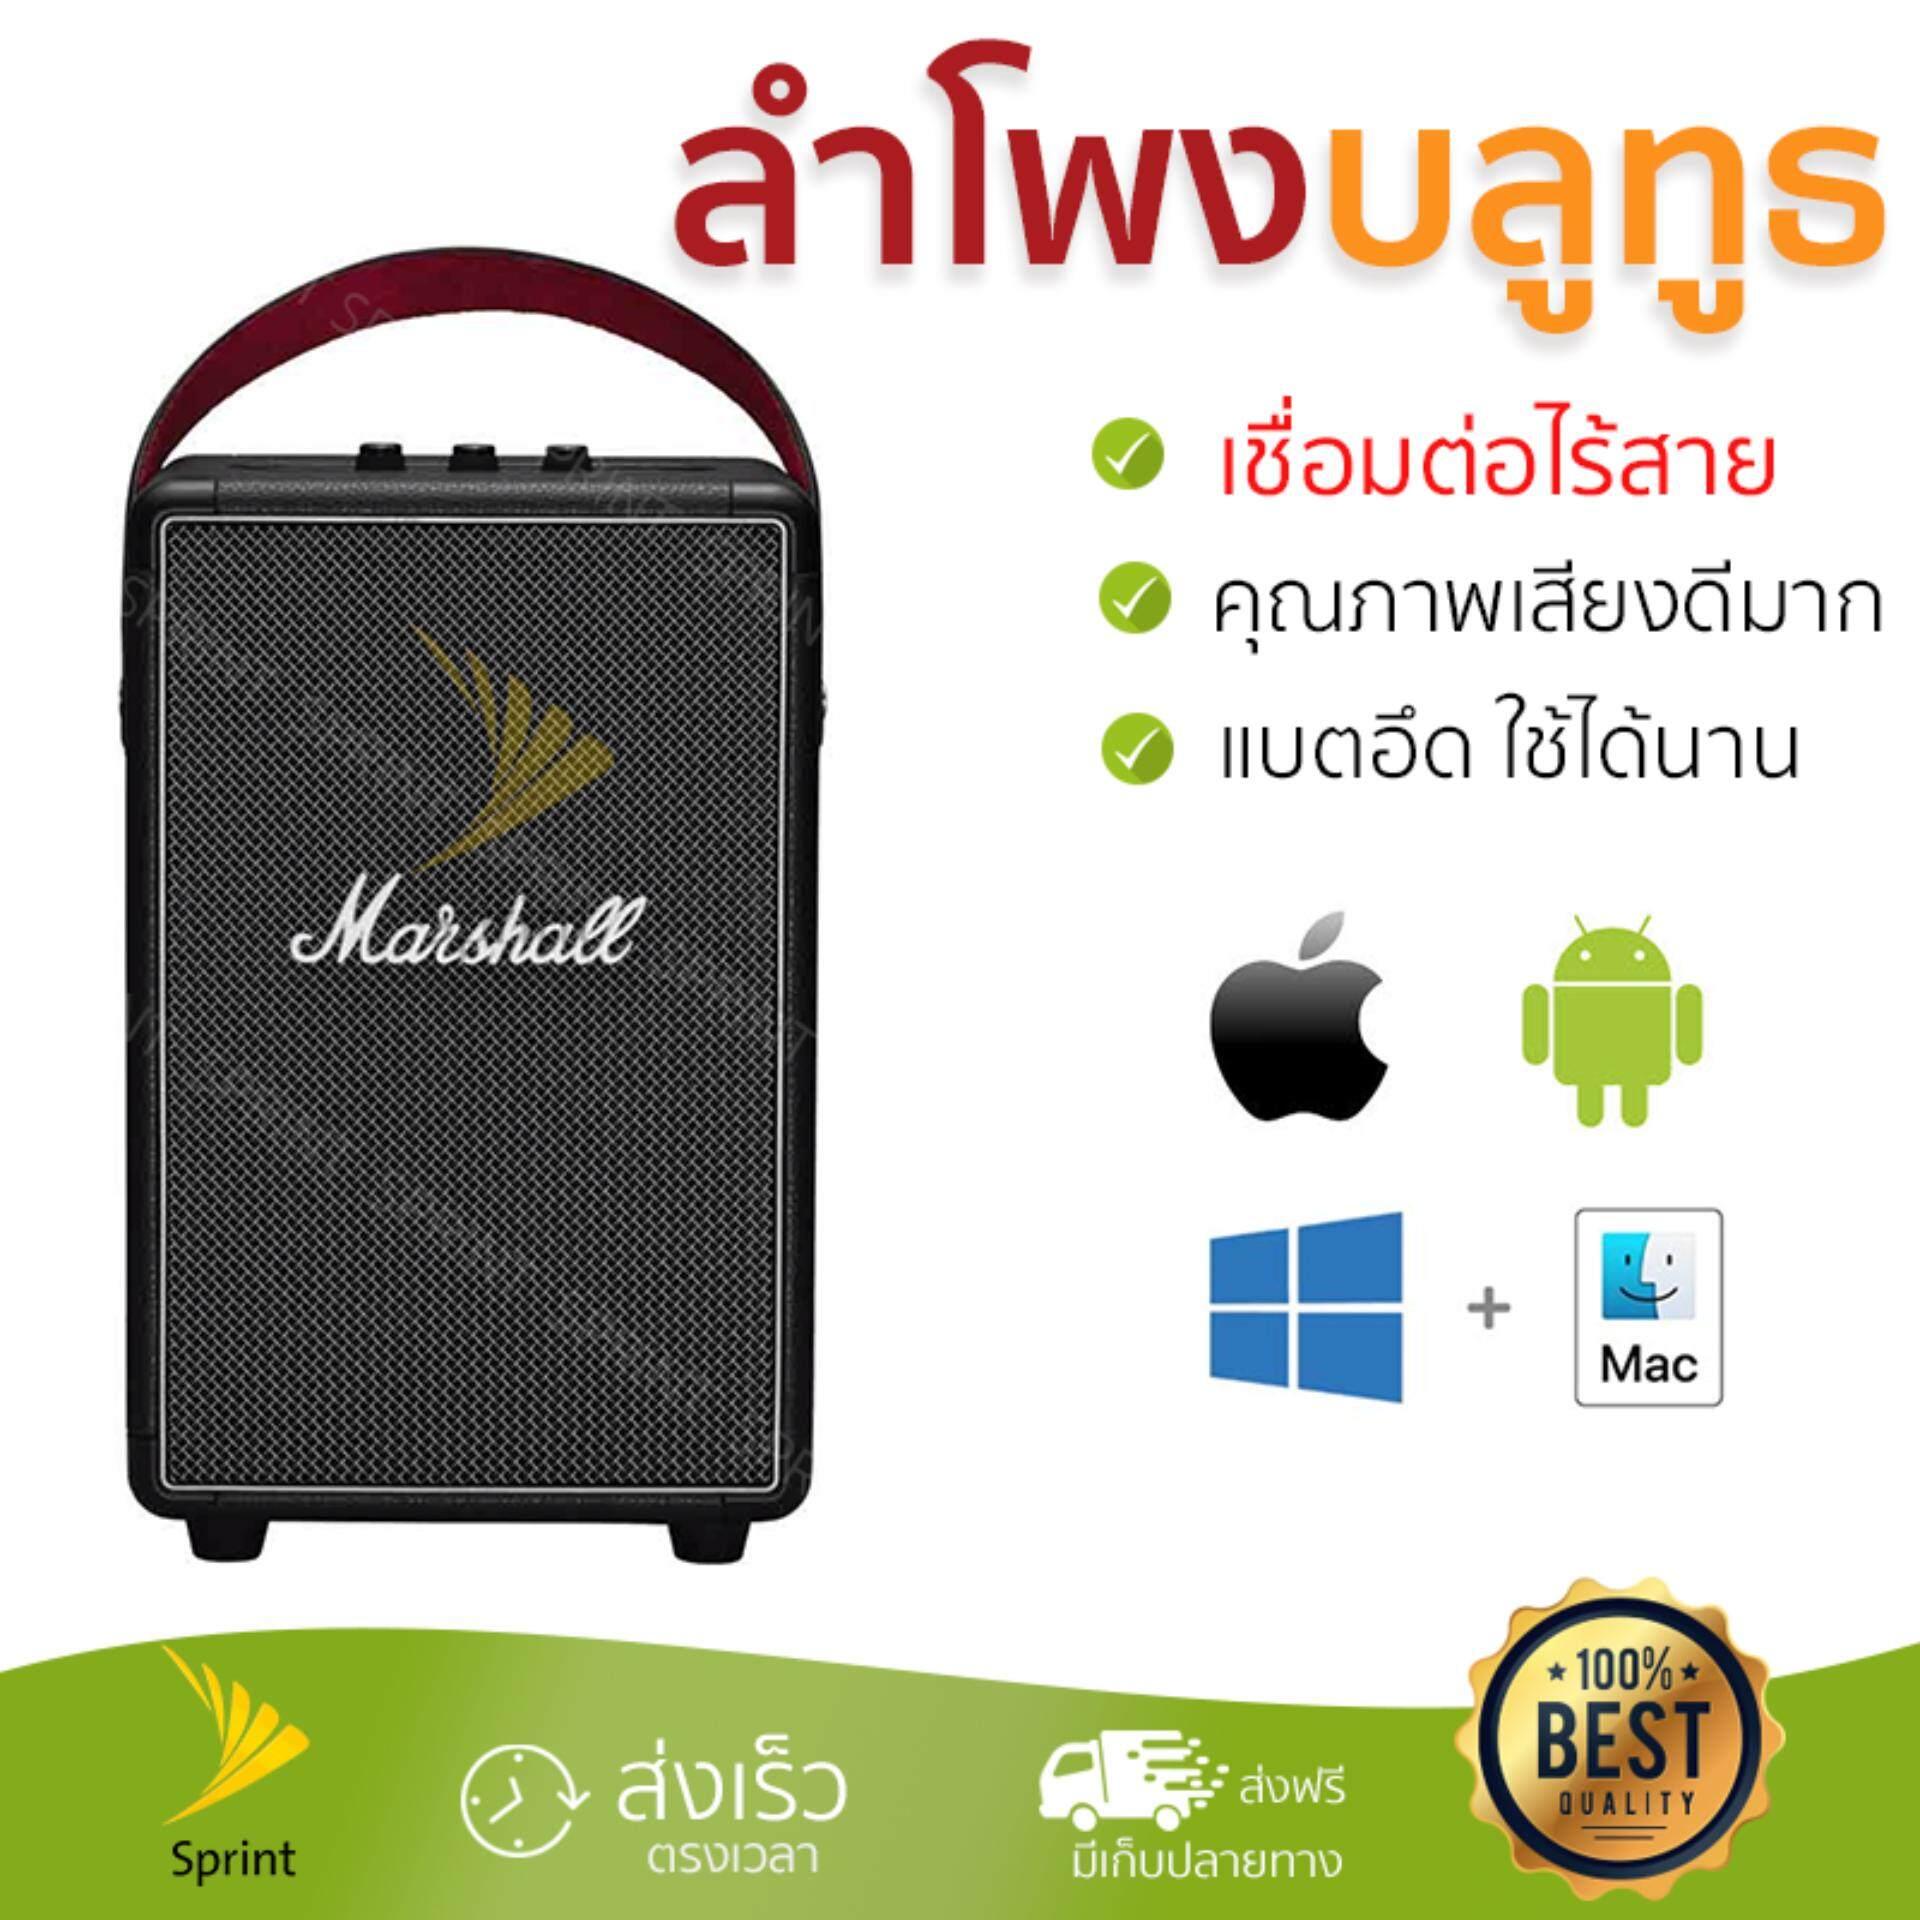 สอนใช้งาน  ยะลา จัดส่งฟรี ลำโพงบลูทูธ  Marshall Bluetooth Speaker 2.1 TUFTON Black เสียงใส คุณภาพเกินตัว Wireless Bluetooth Speaker รับประกัน 1 ปี